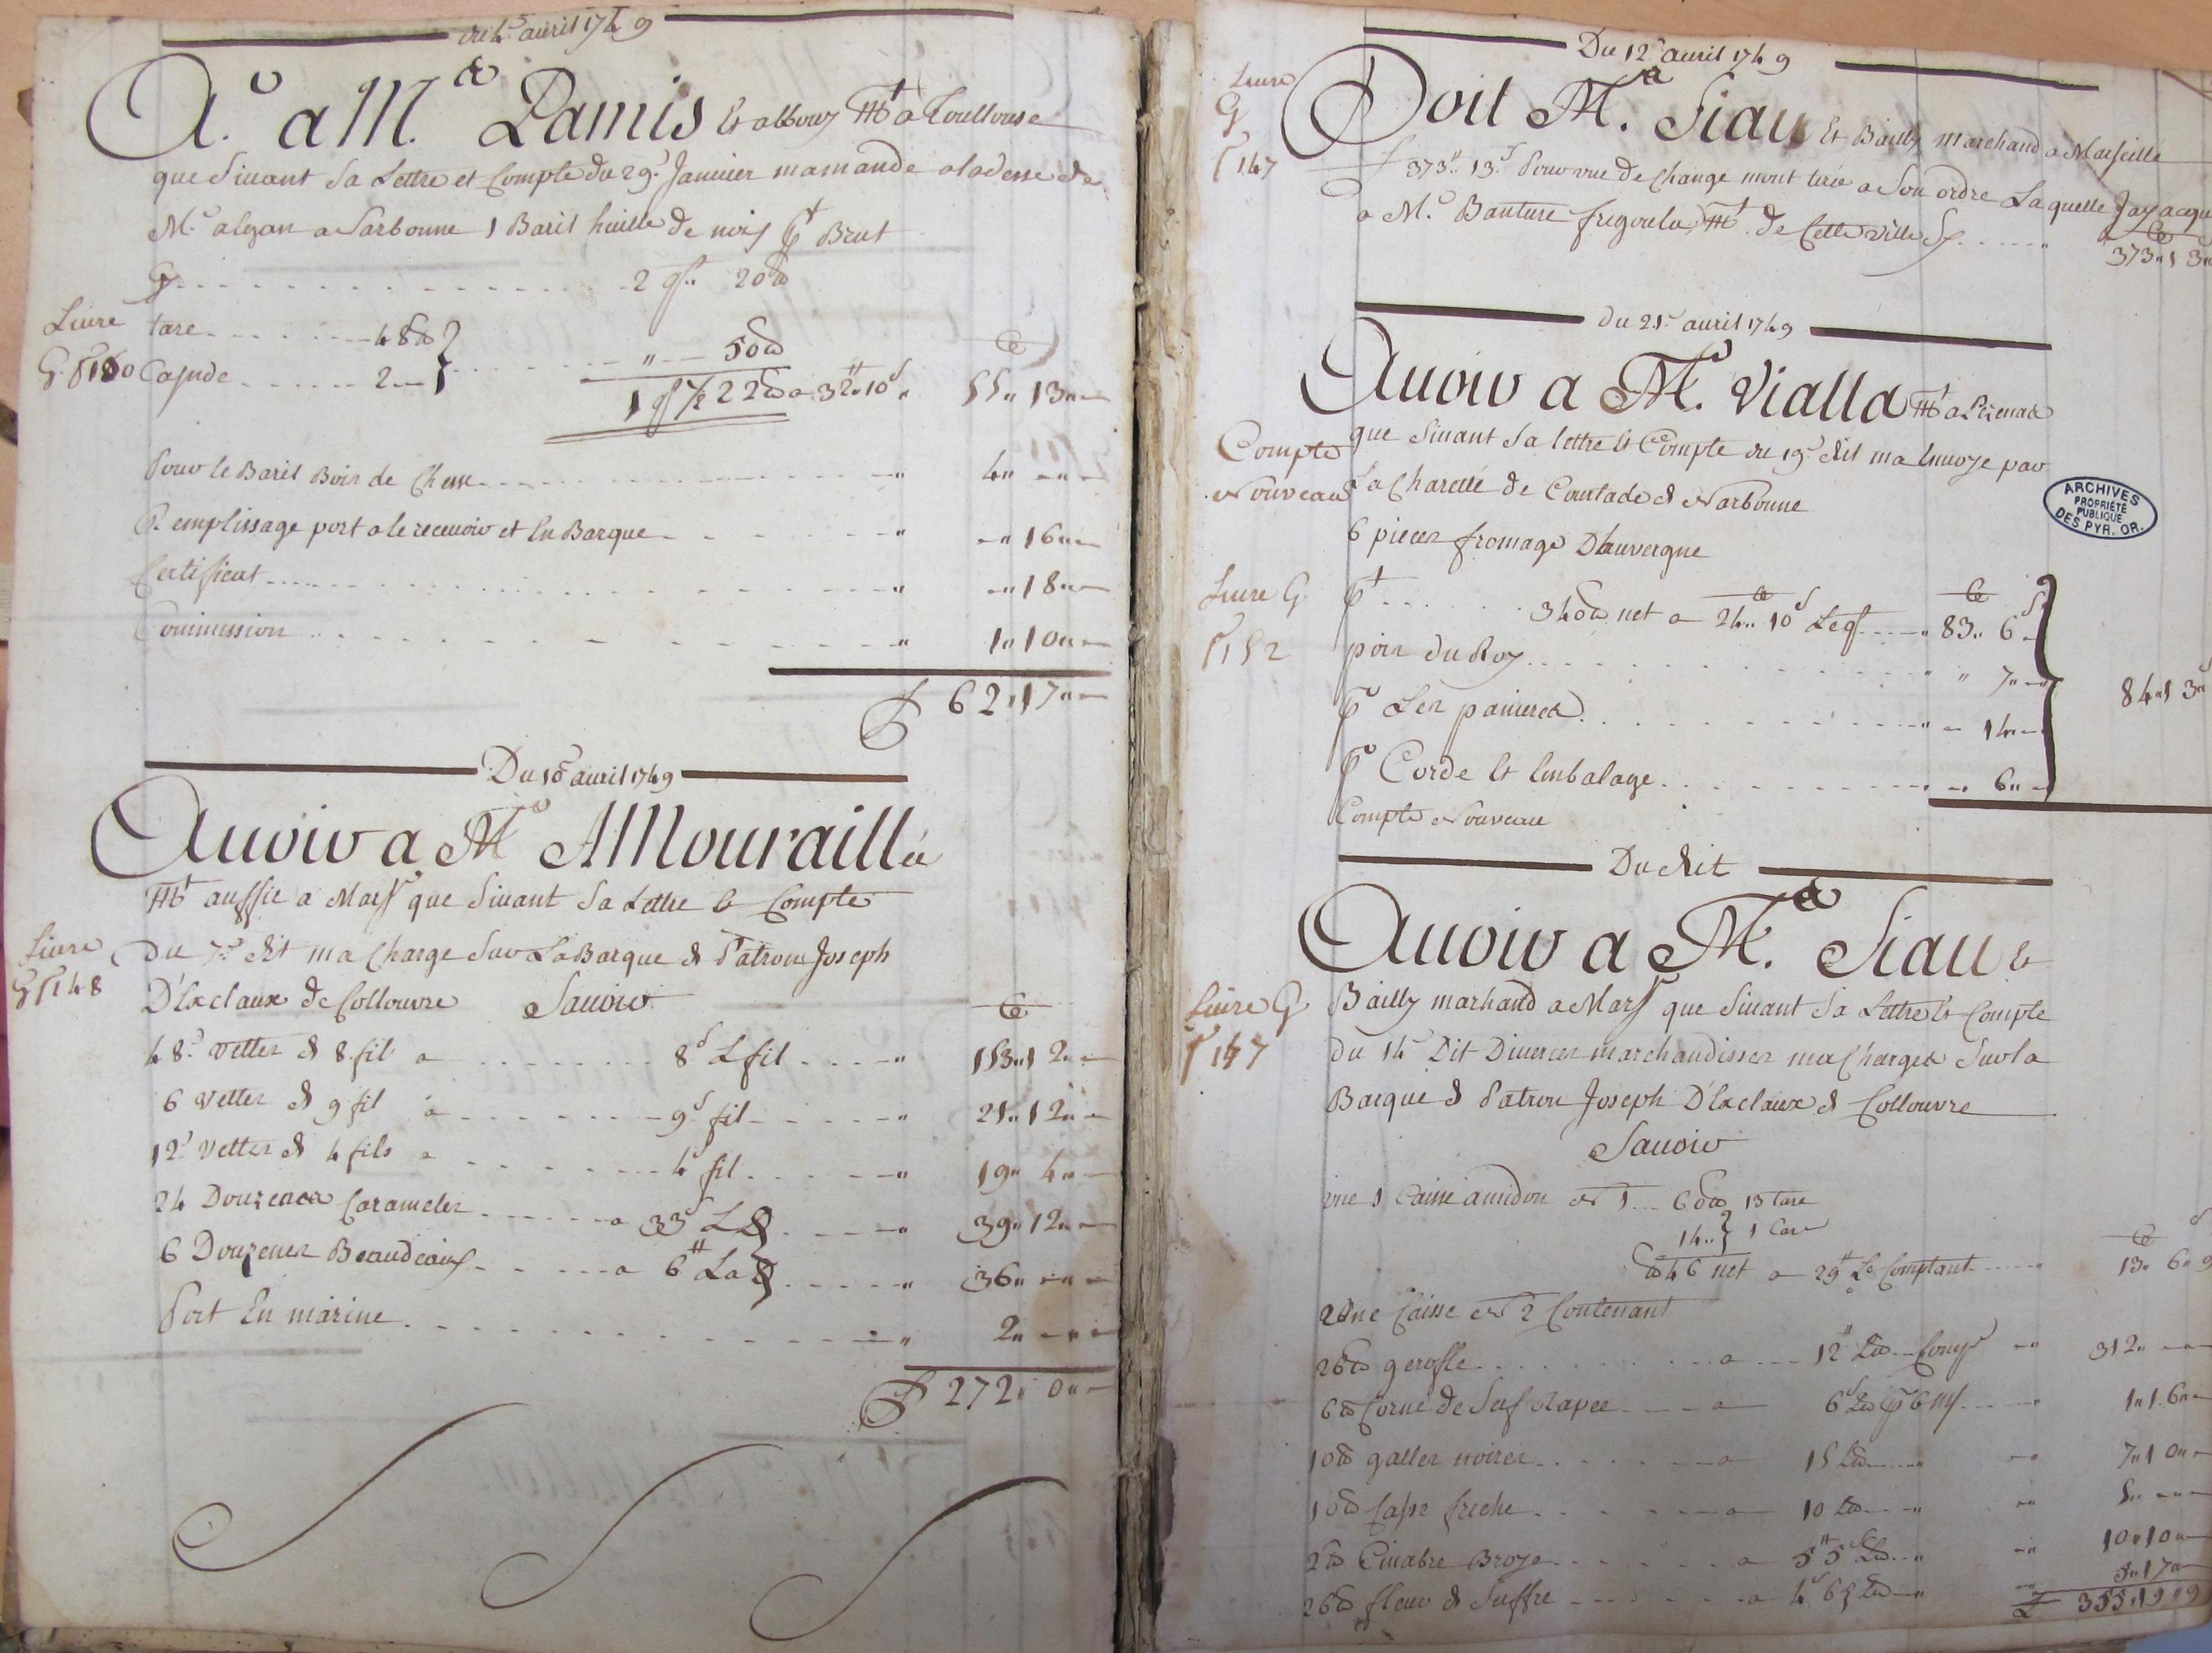 Fonds jeanne-rey-1j426-Folio 8b-9. Archives départementales des Pyrénées-Orientales